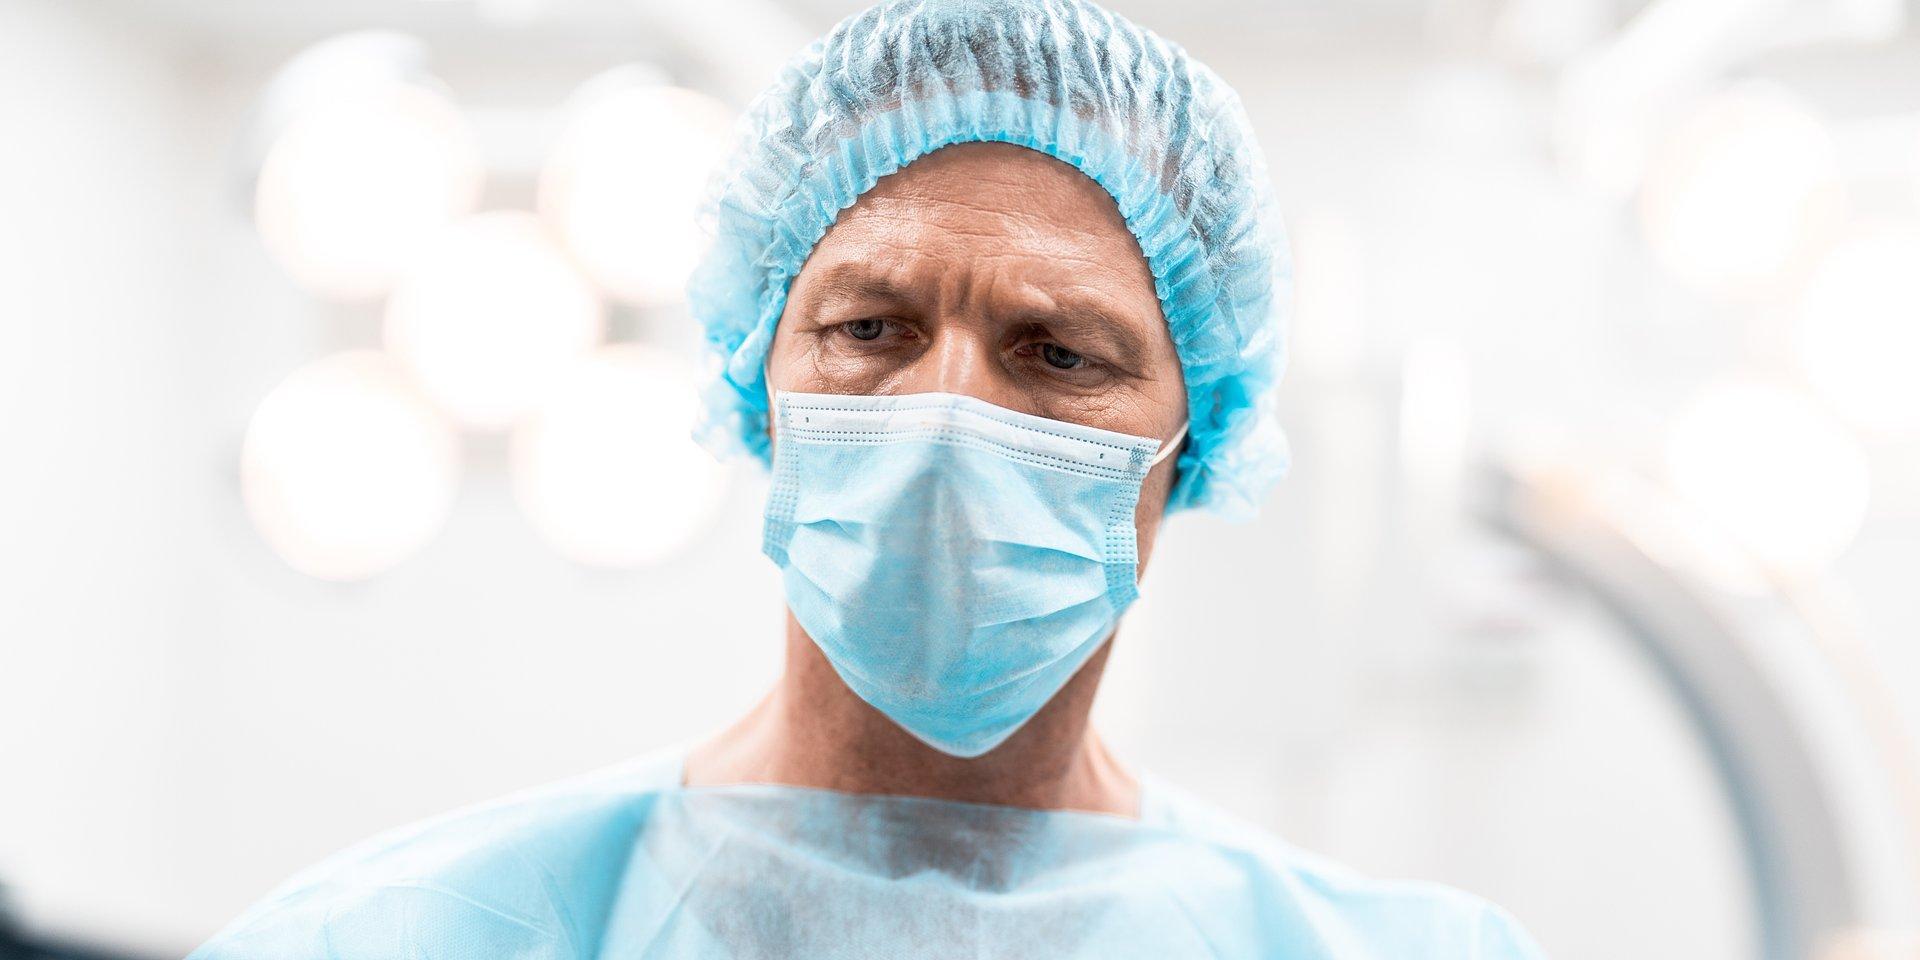 Lekarze – zawód wysokiego ryzyka. Wojna podjazdowa #zamaskowanych bohaterów